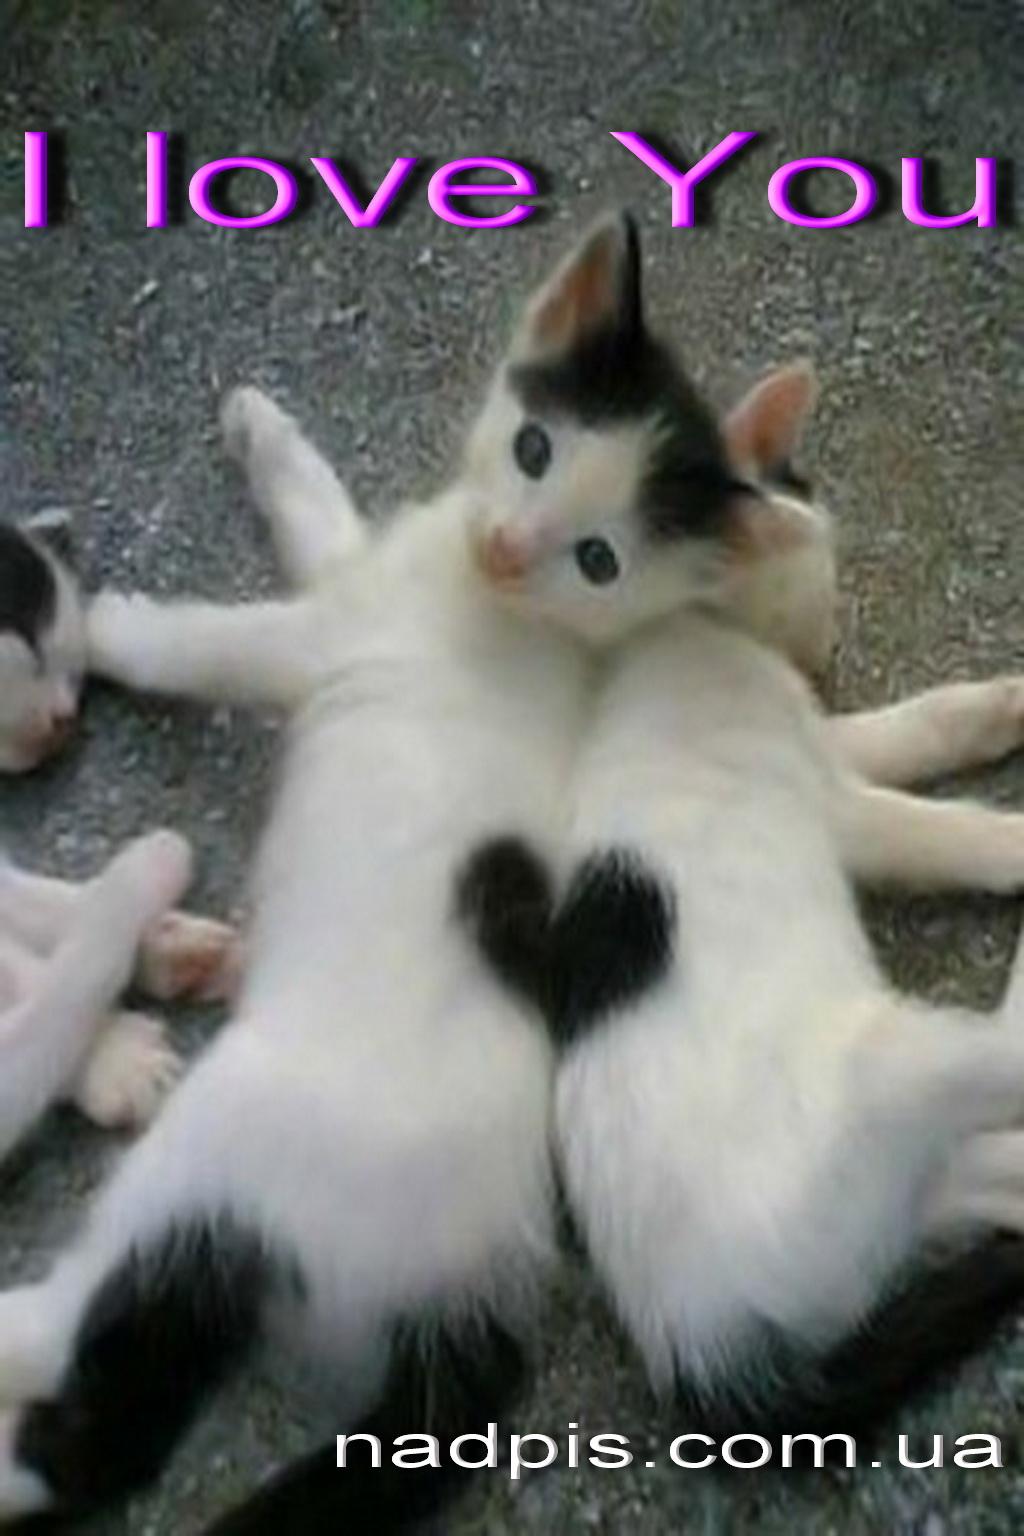 Котята с сердечком